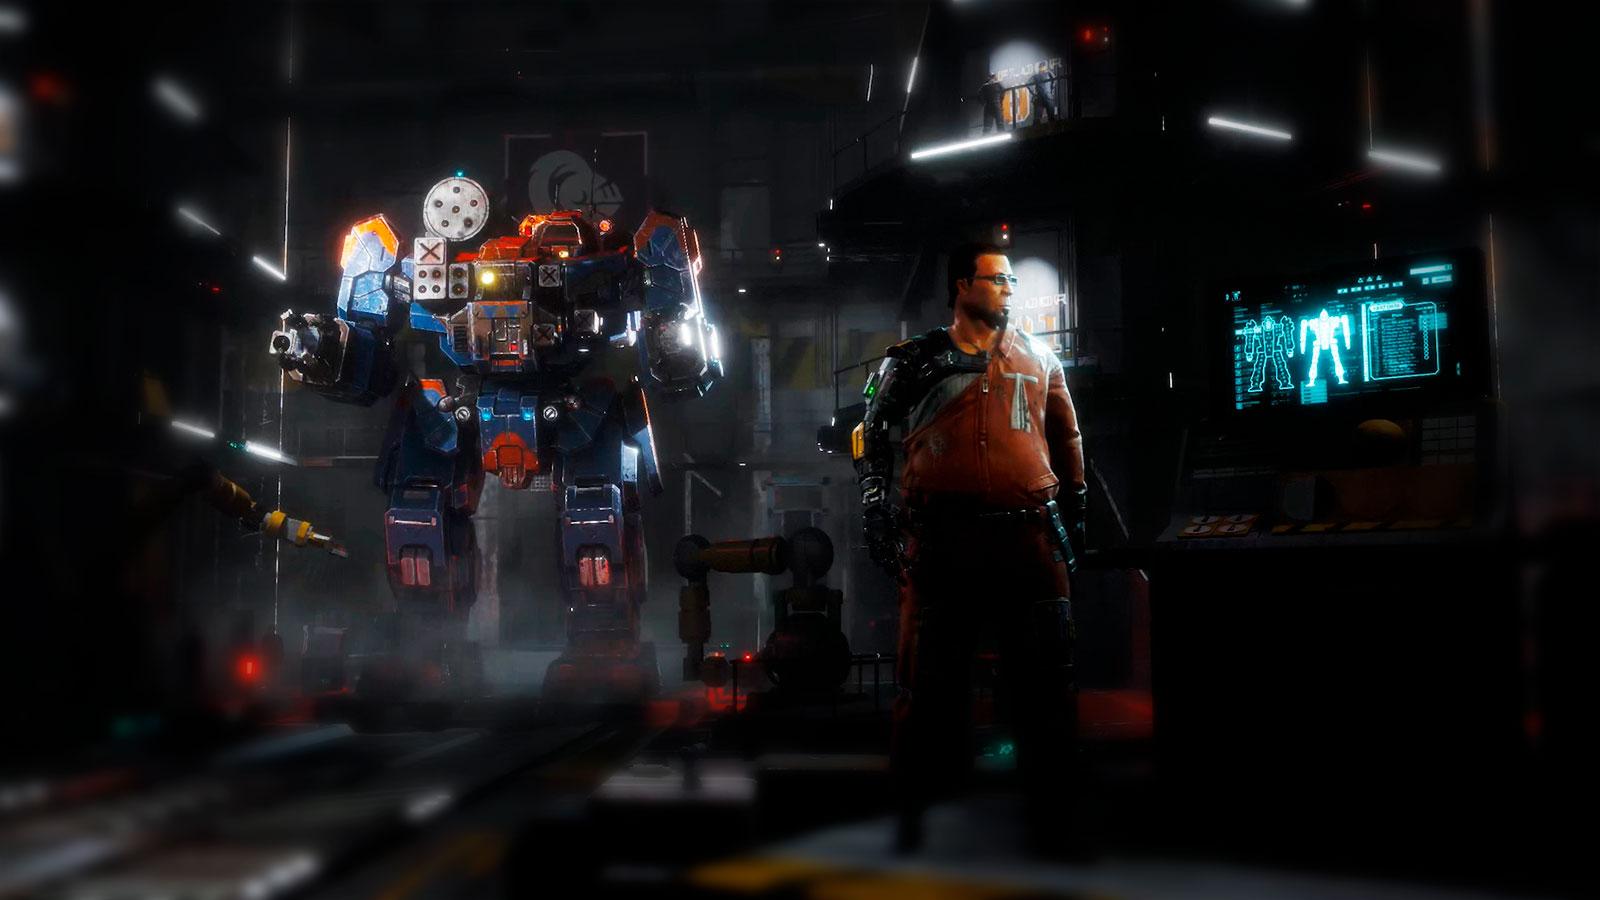 BattleTech война мех и роботов